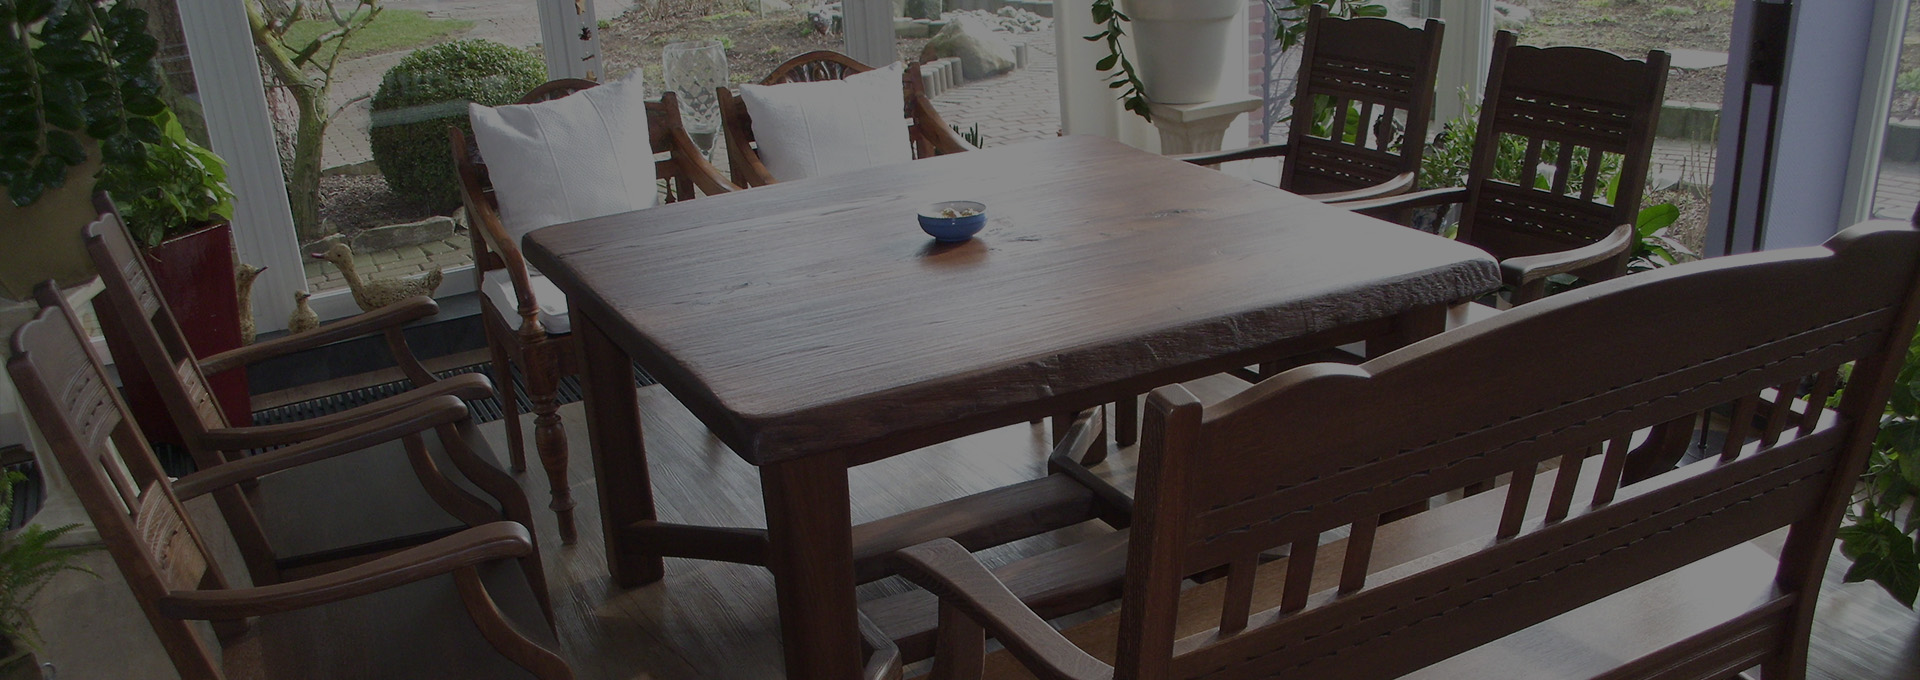 Küchentisch mit Stühlen von Tischlerei Brasch aus der Nähe von Friedrichskroog